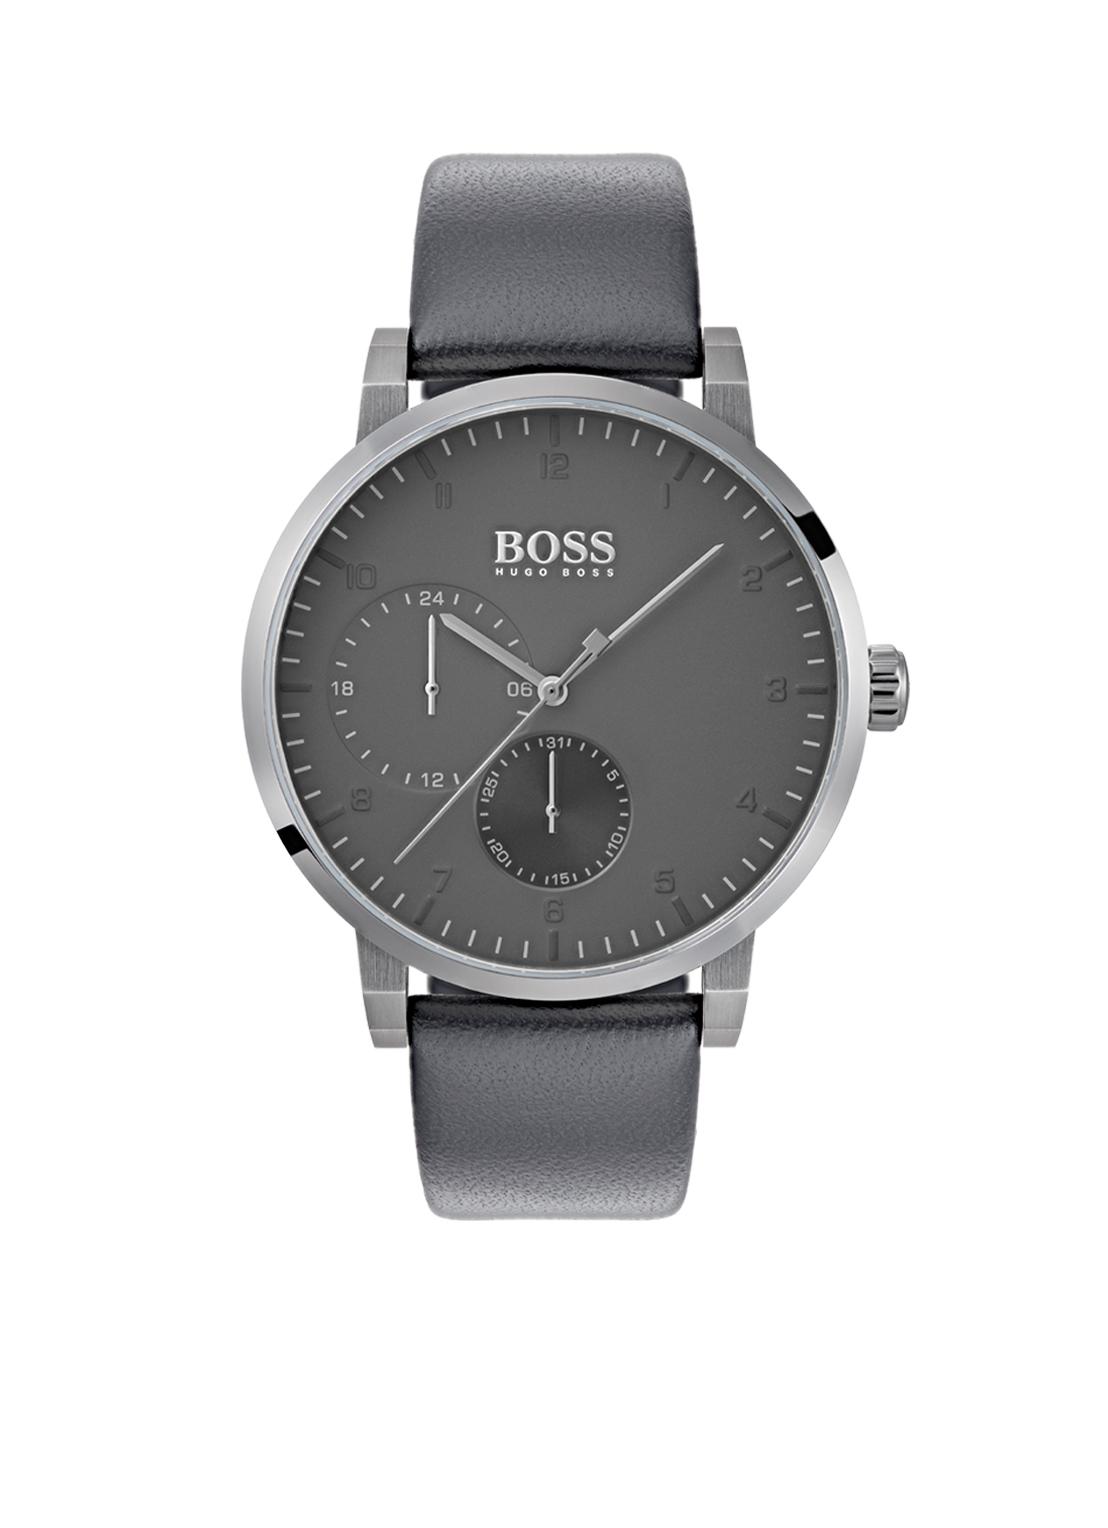 Hugo Boss HB1513595 Oxygen Herenhorloge 42 mm